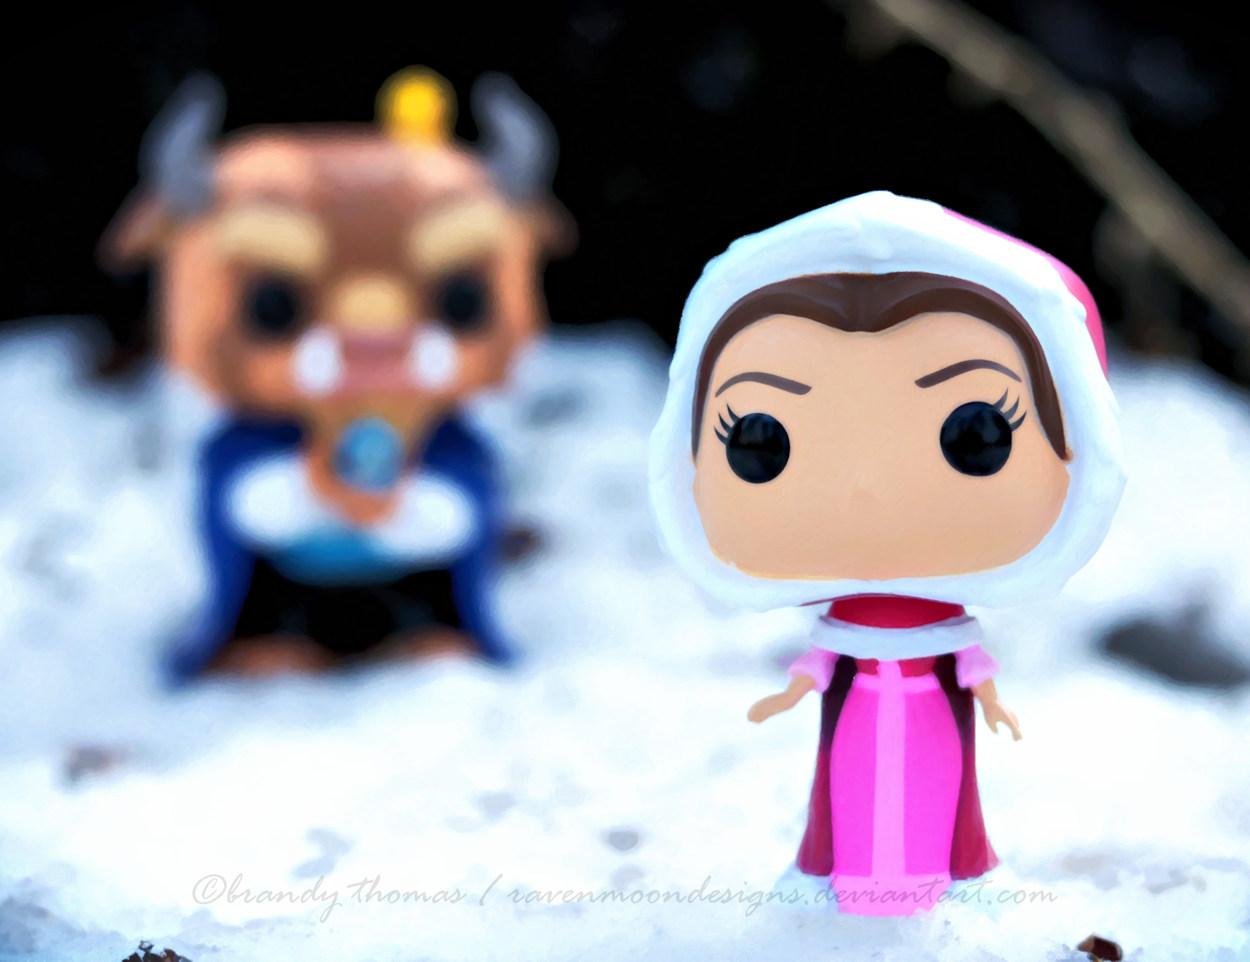 Focused on Belle by RavenMoonDesigns